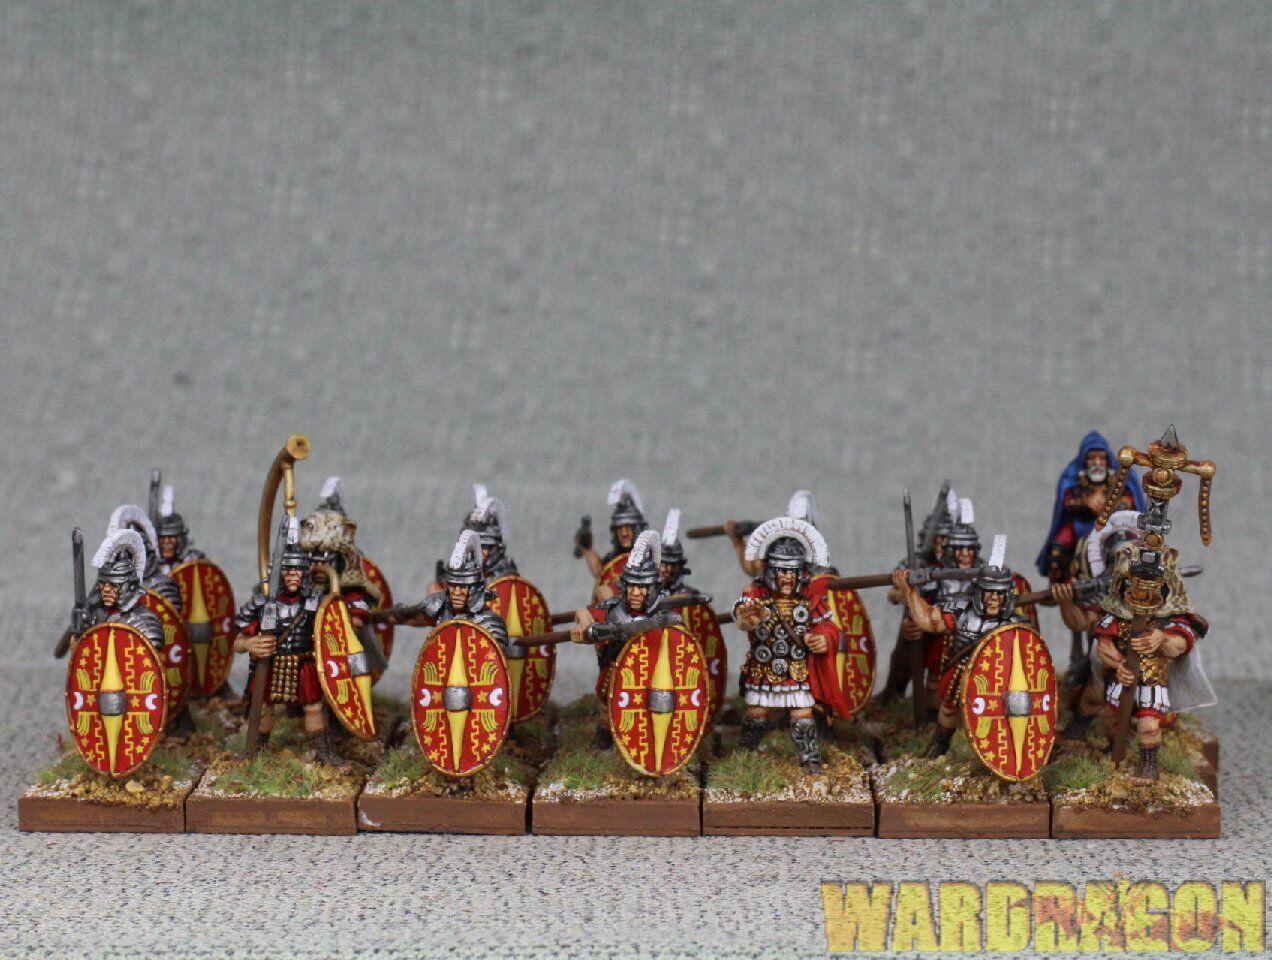 Wds Pintado granizo César Imperial romana temprana  Guardia pretoriana 1 b74 montado